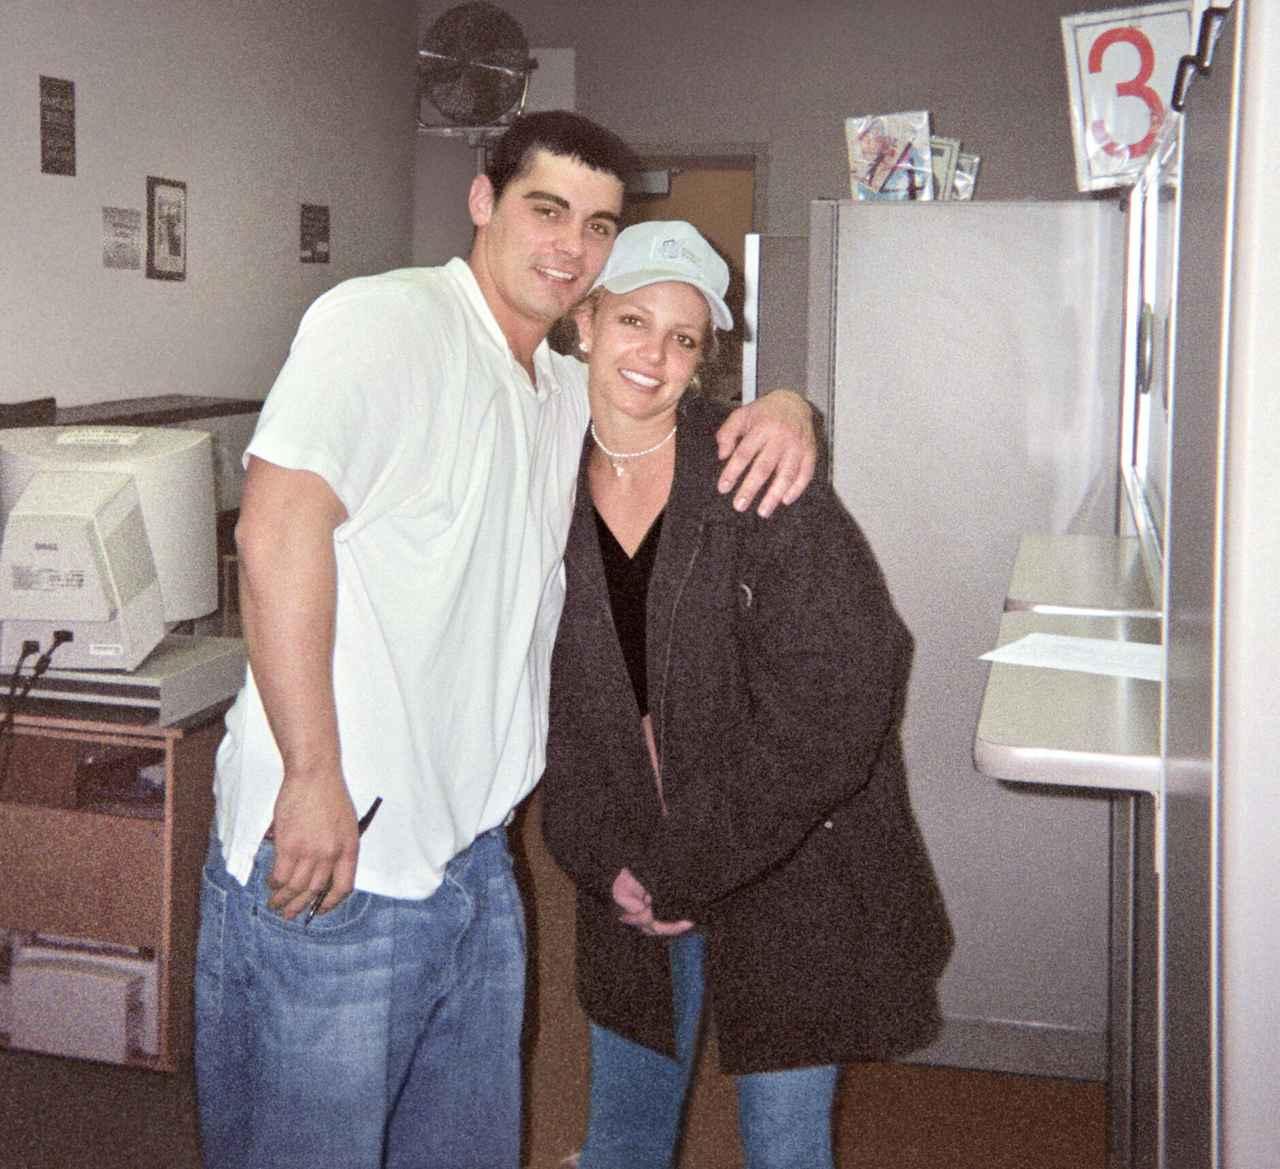 画像: 2004年1月にジェイソン・アレクサンダー(左)と55時間だけ夫婦になったブリトニー・スピアーズ。